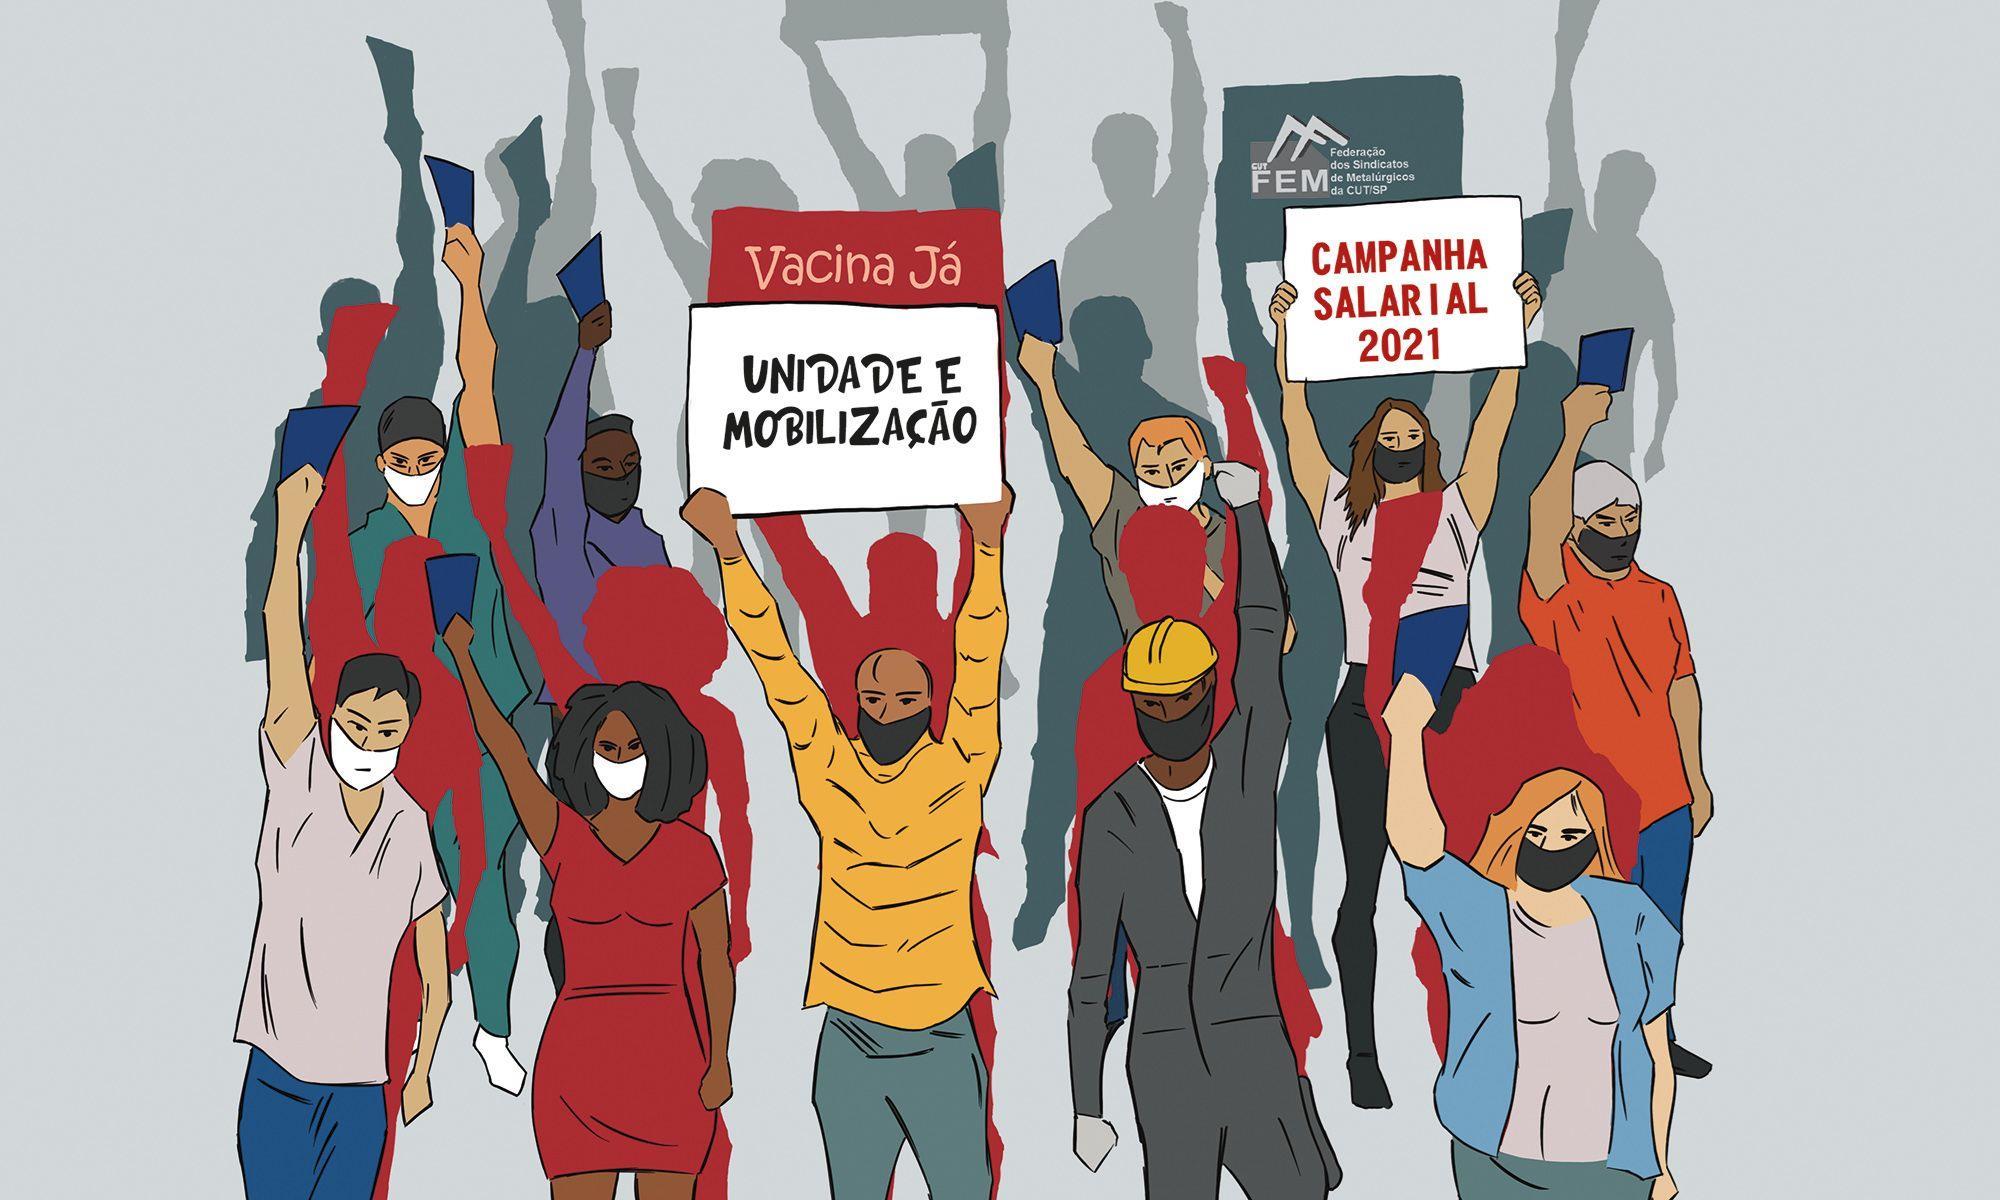 campanha, salarial, unidade, vitória, sorocaba, reajuste,, Divulgação SMetal